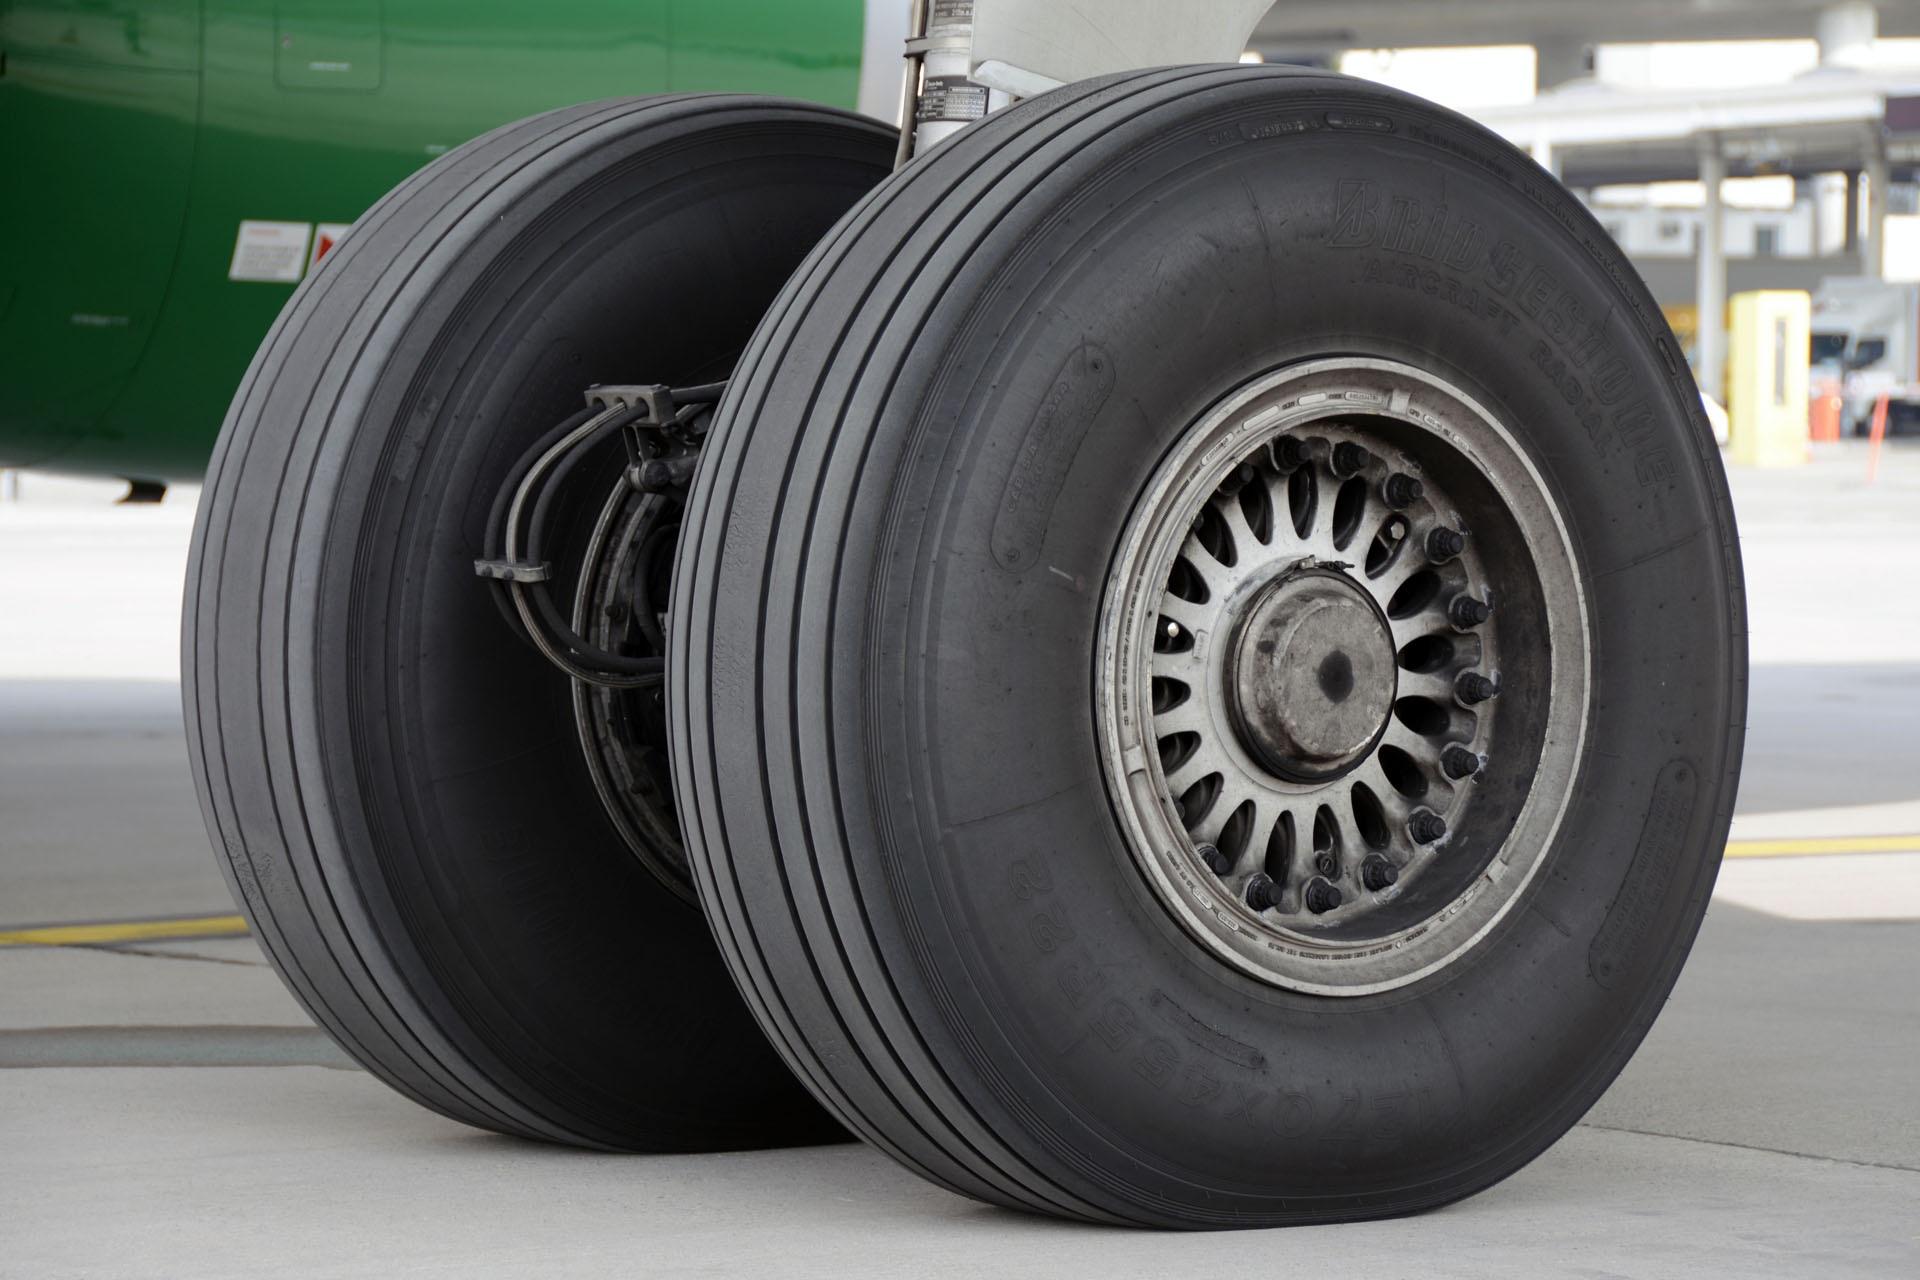 Free Images : car, wheel, aircraft, vehicle, drive, close